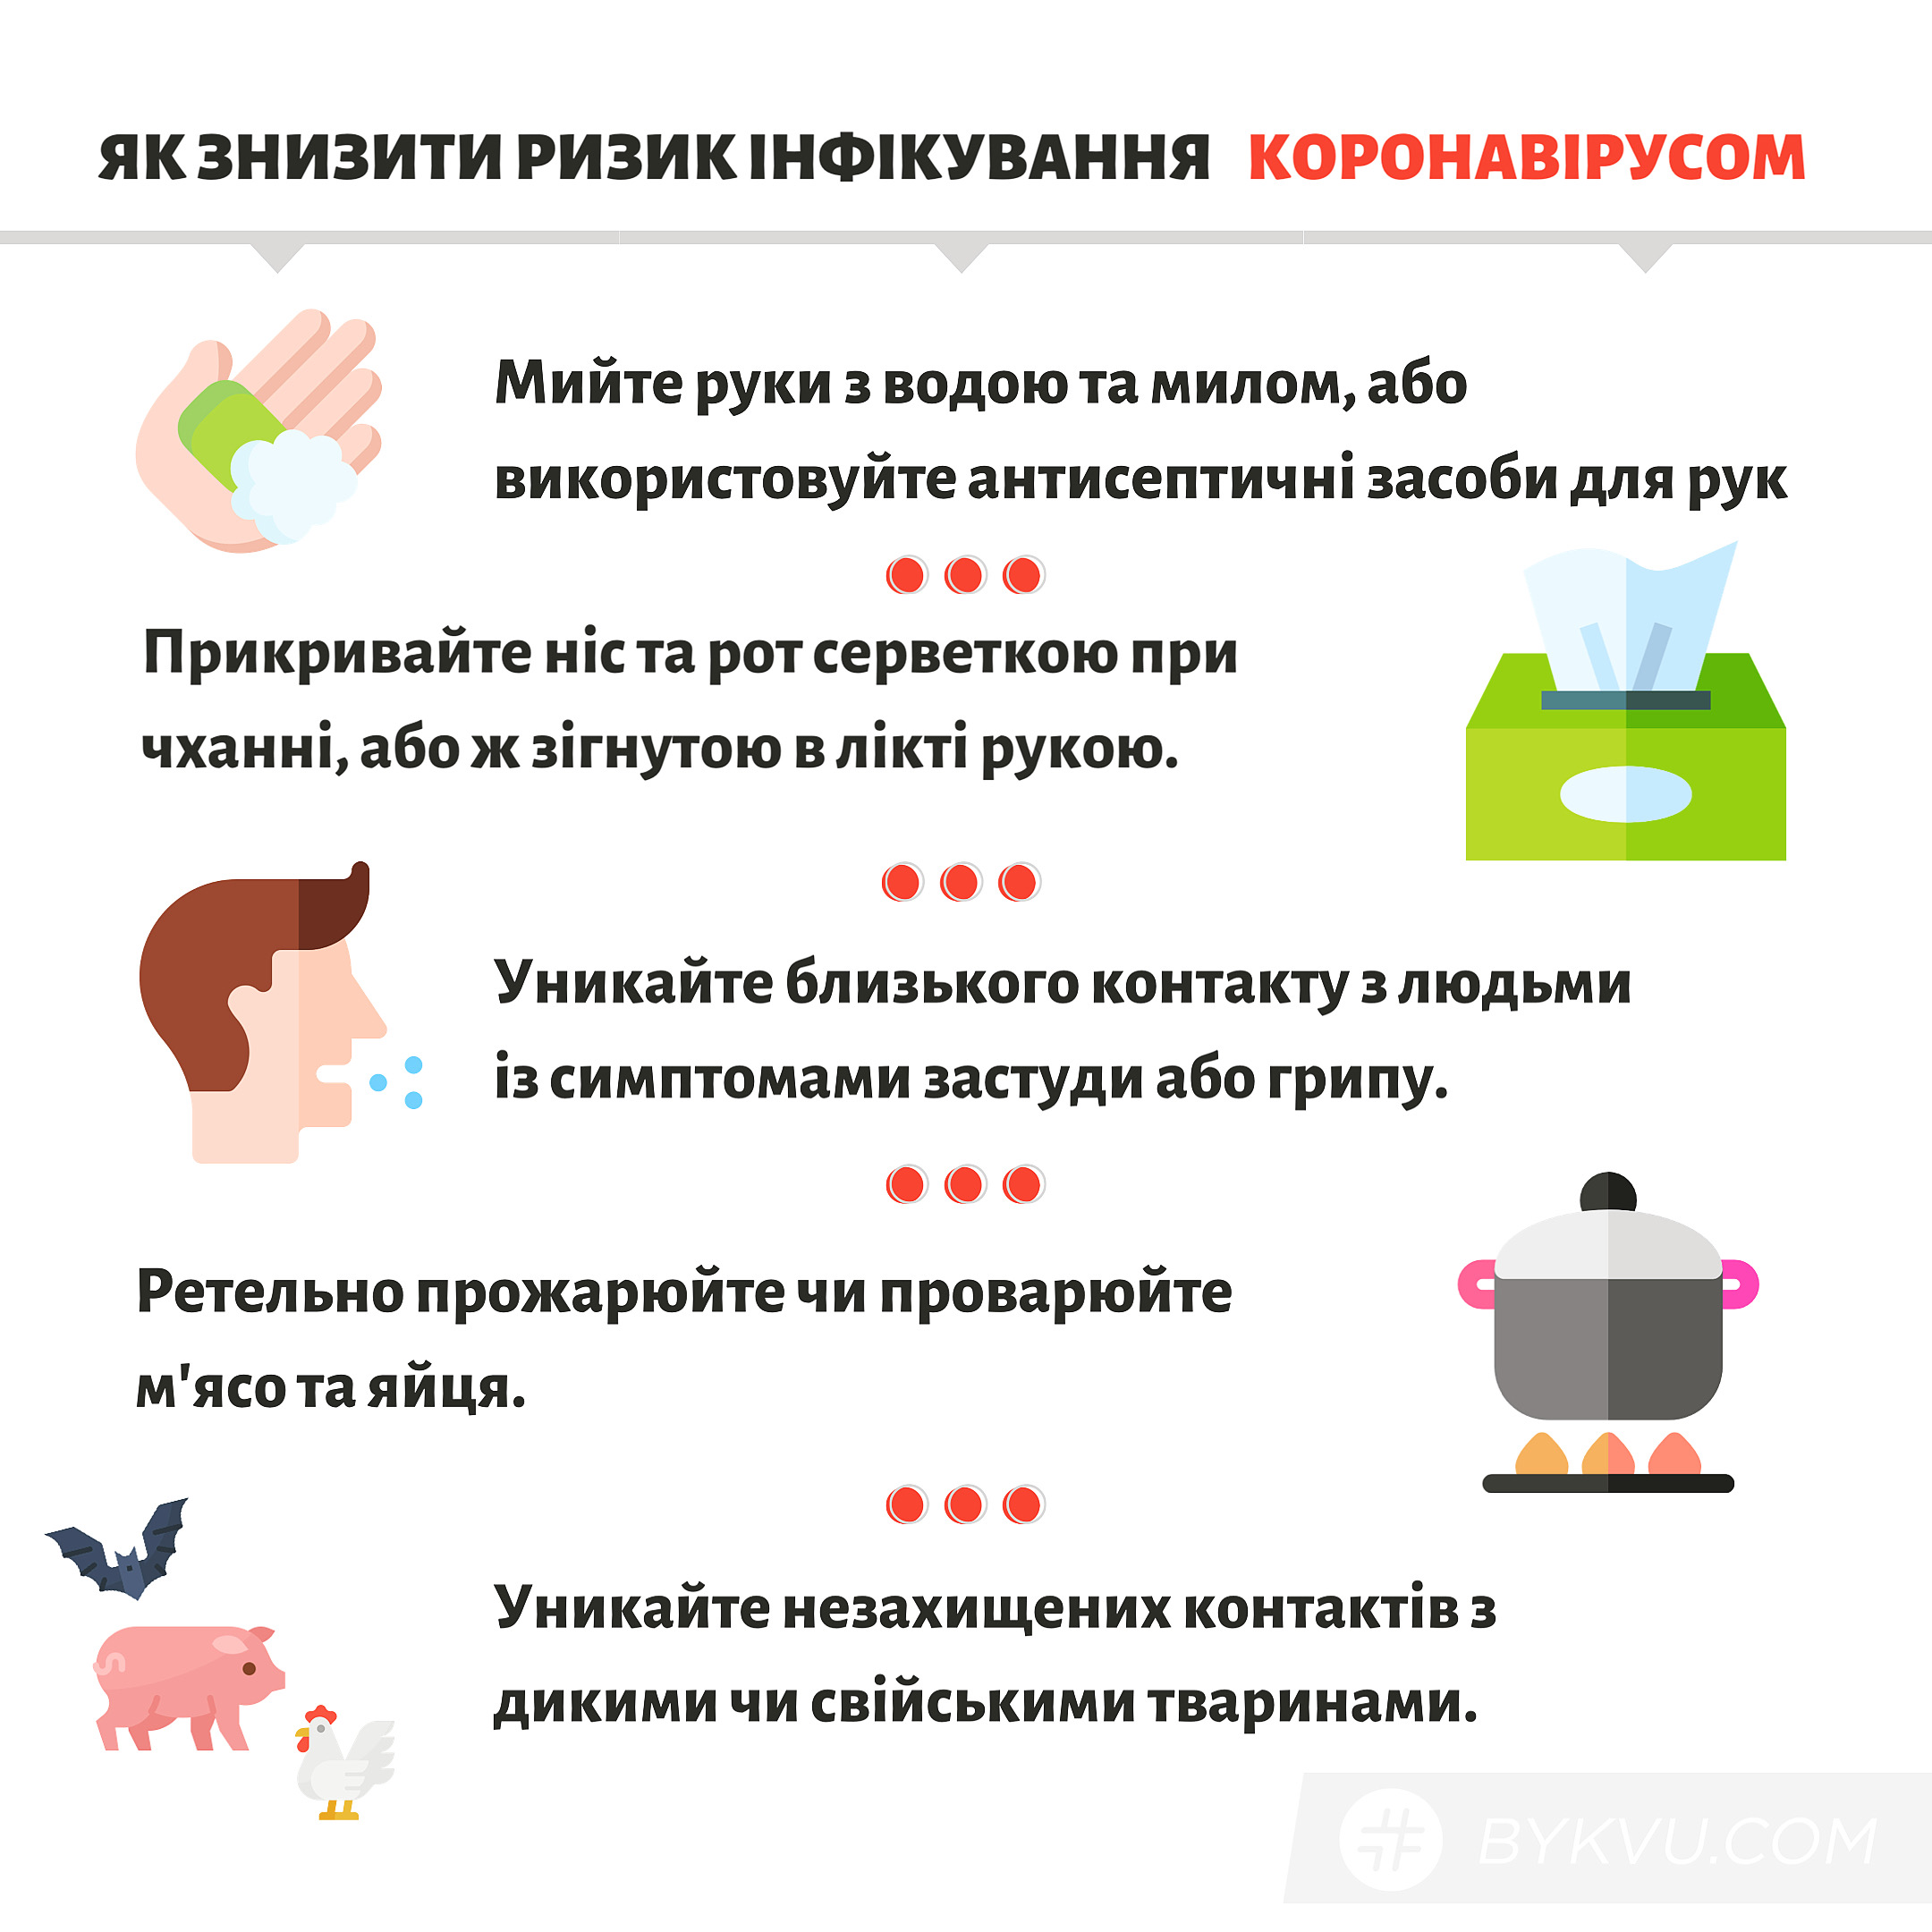 коронавирусы чем опасны